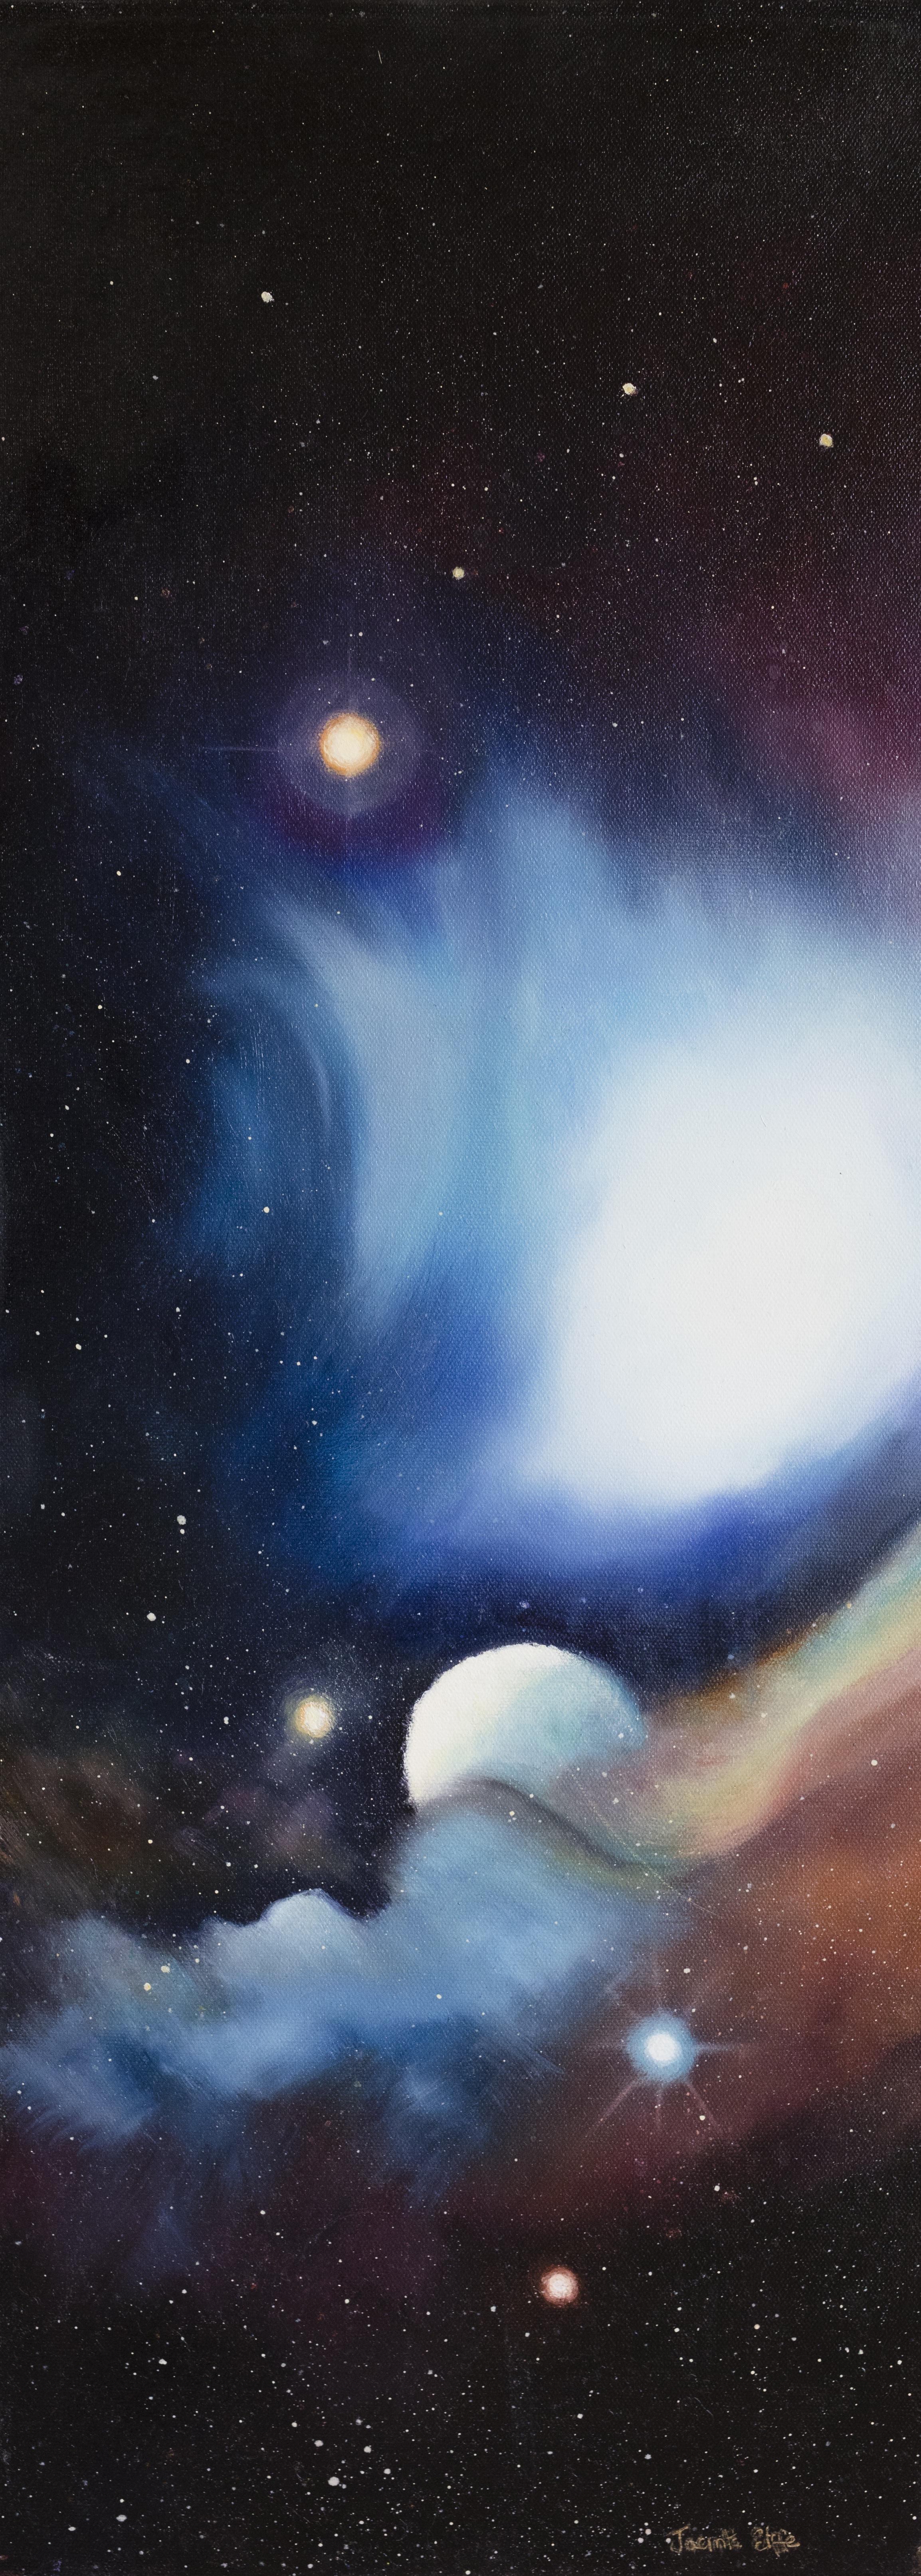 Carina Nebula VII